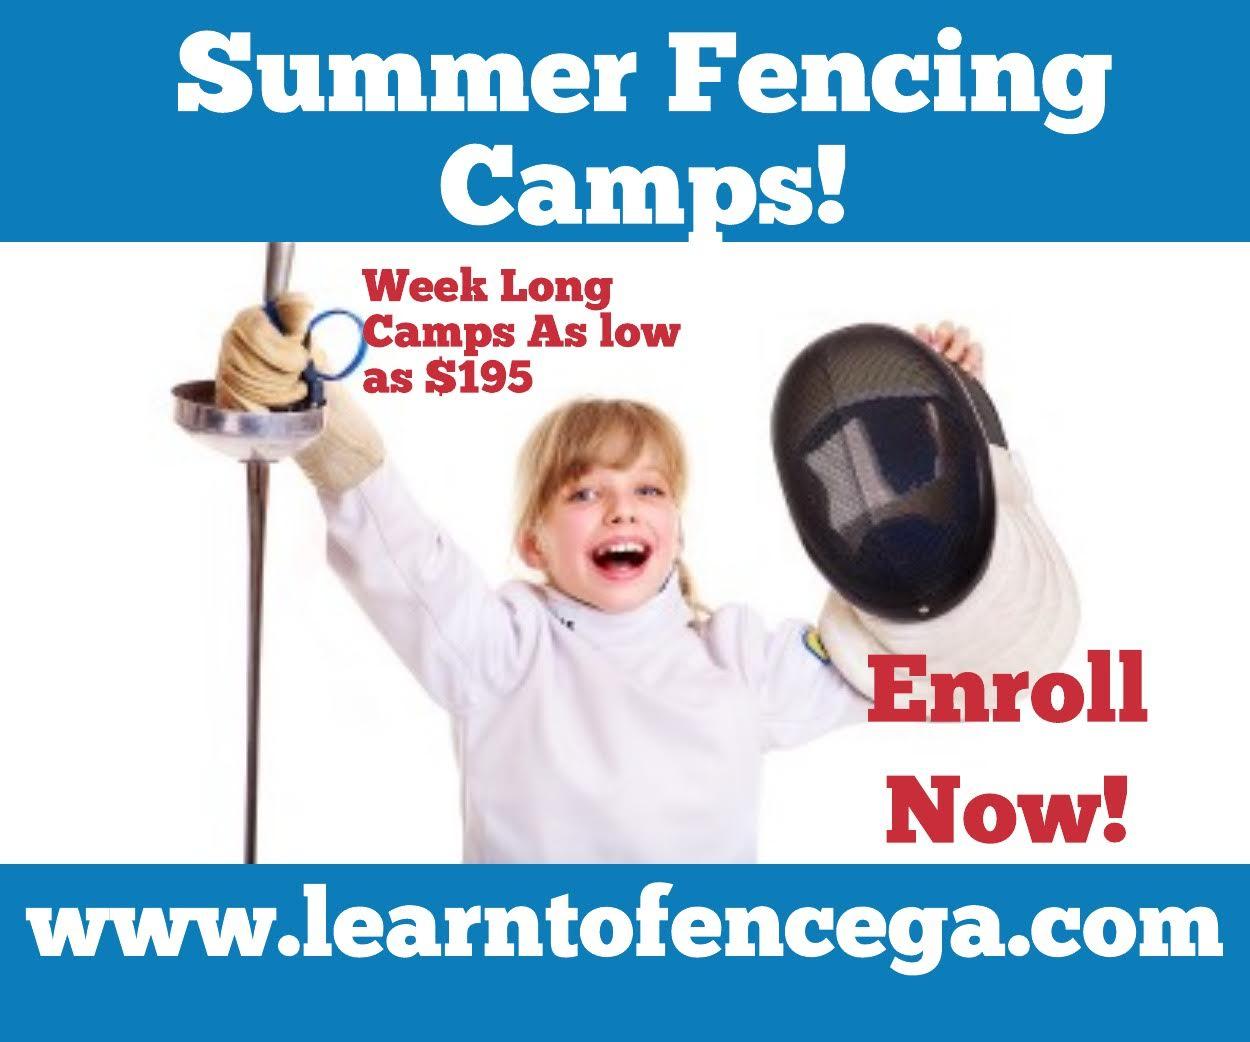 Premier Fencing Alliance summer camp